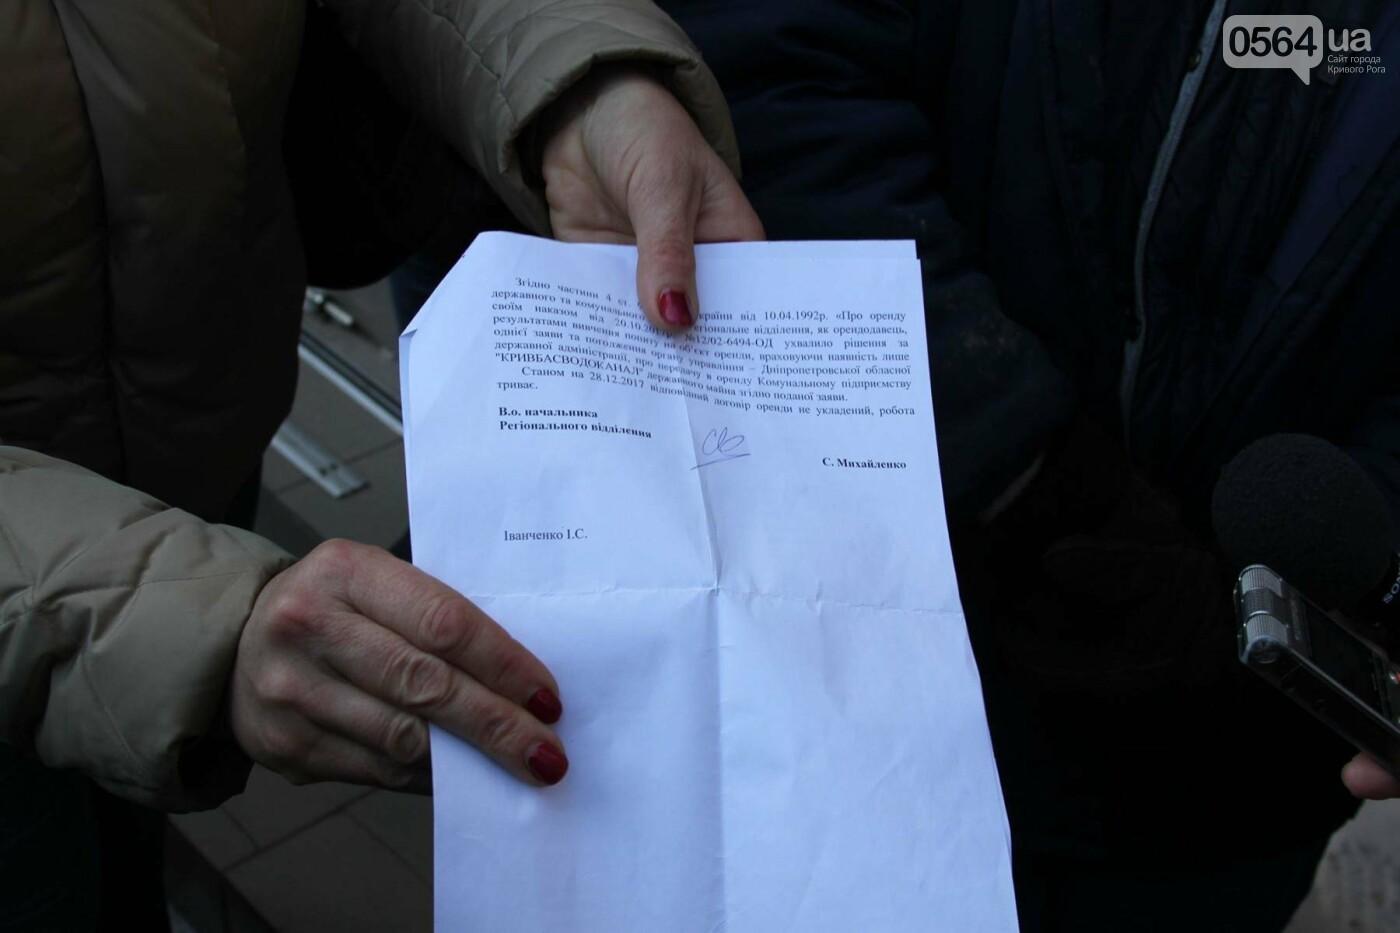 В Кривом Роге сотрудники КПВС митингуют, опасаясь, что город останется без воды  (ФОТО, ВИДЕО), фото-9